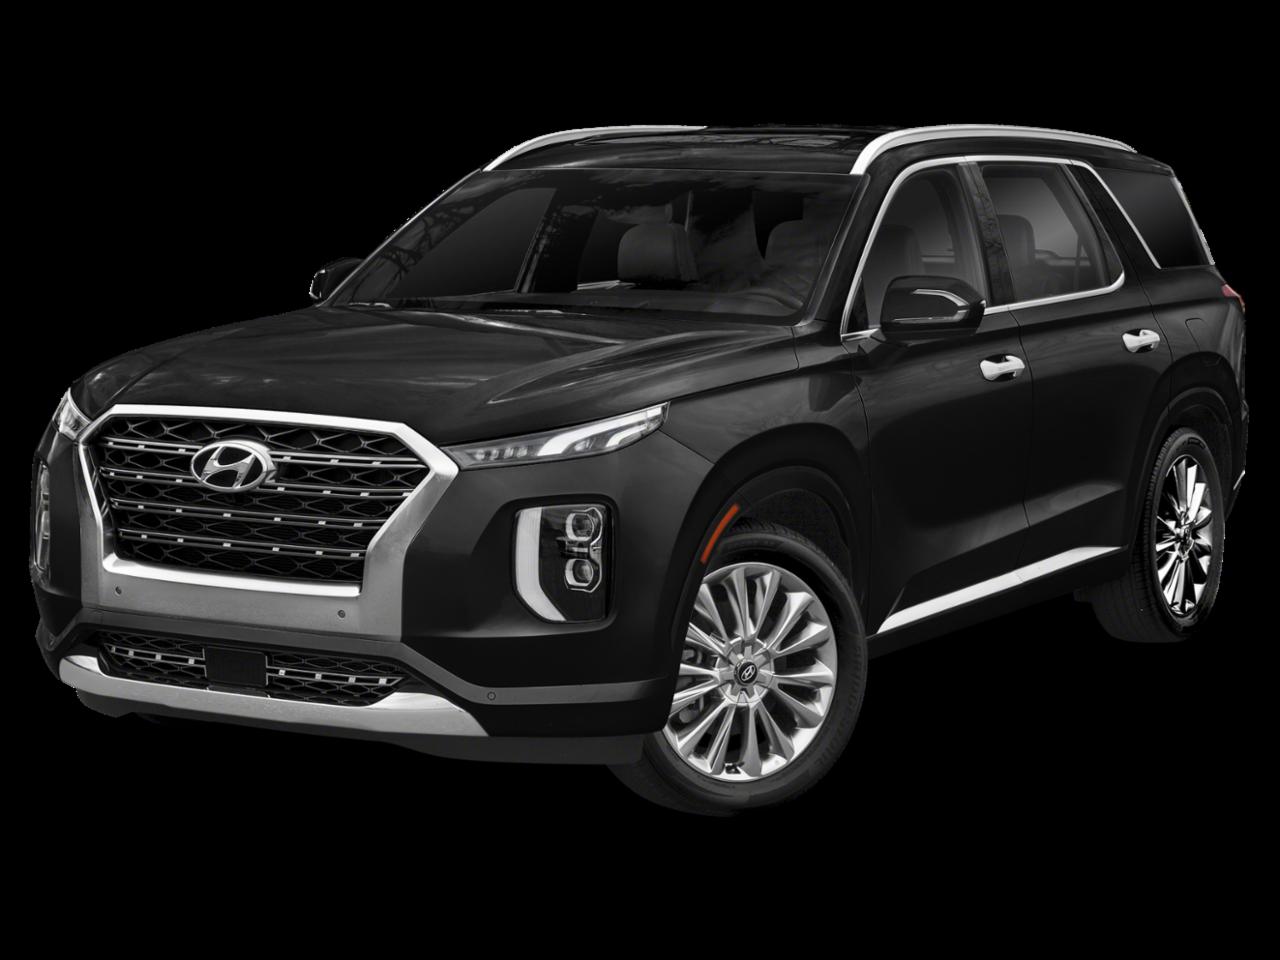 Hyundai 2020 Palisade Limited